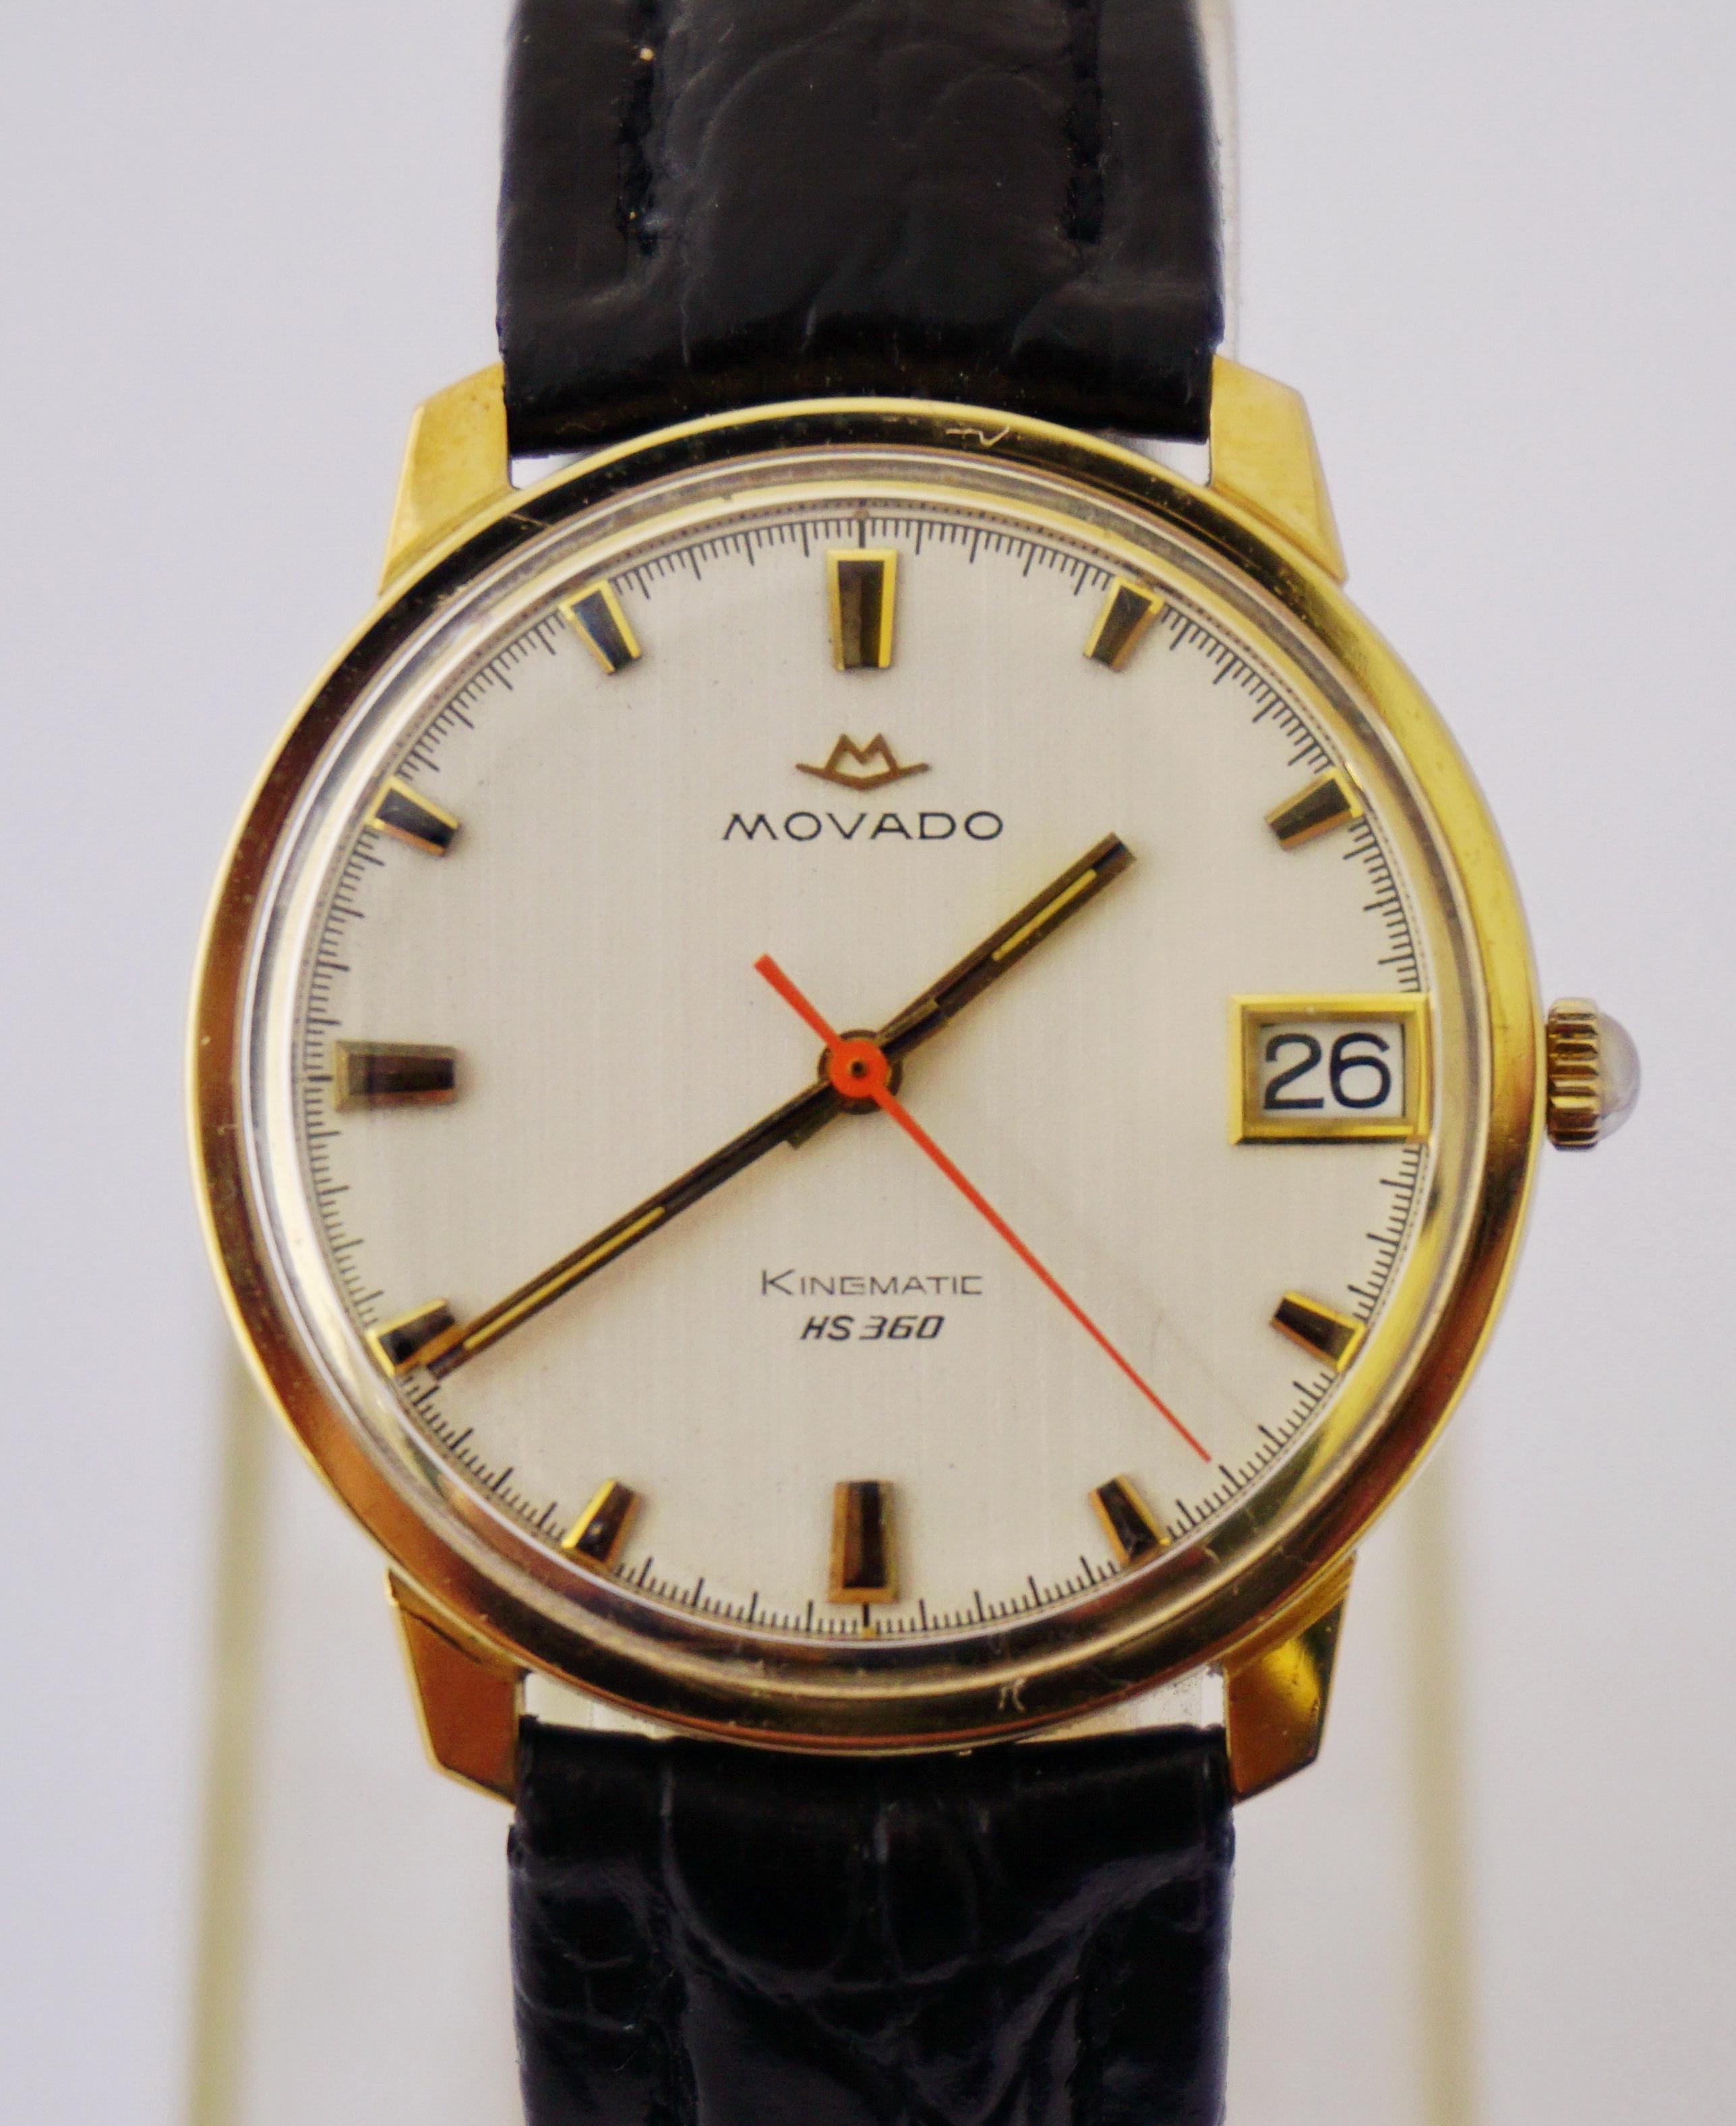 นาฬิกาเก่า MOVADO KINGMATIC HS 360